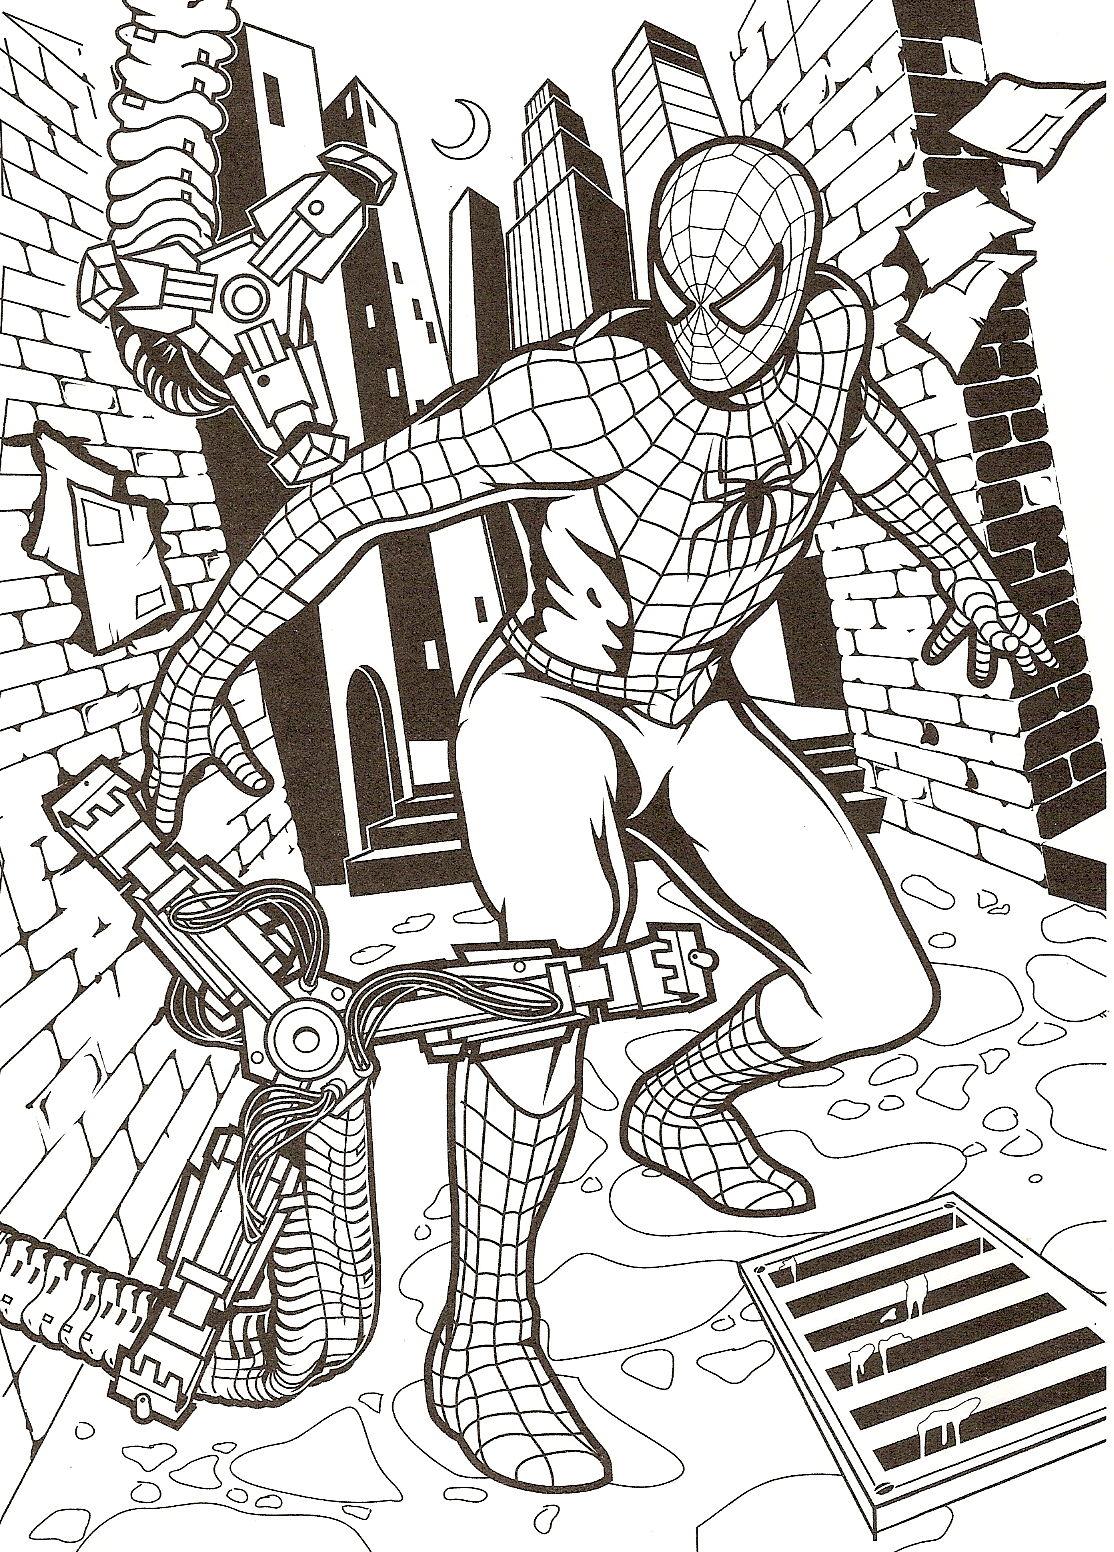 Coloriage a imprimer spiderman contre les machines gratuit et colorier - Coloriage a imprimer spiderman gratuit ...